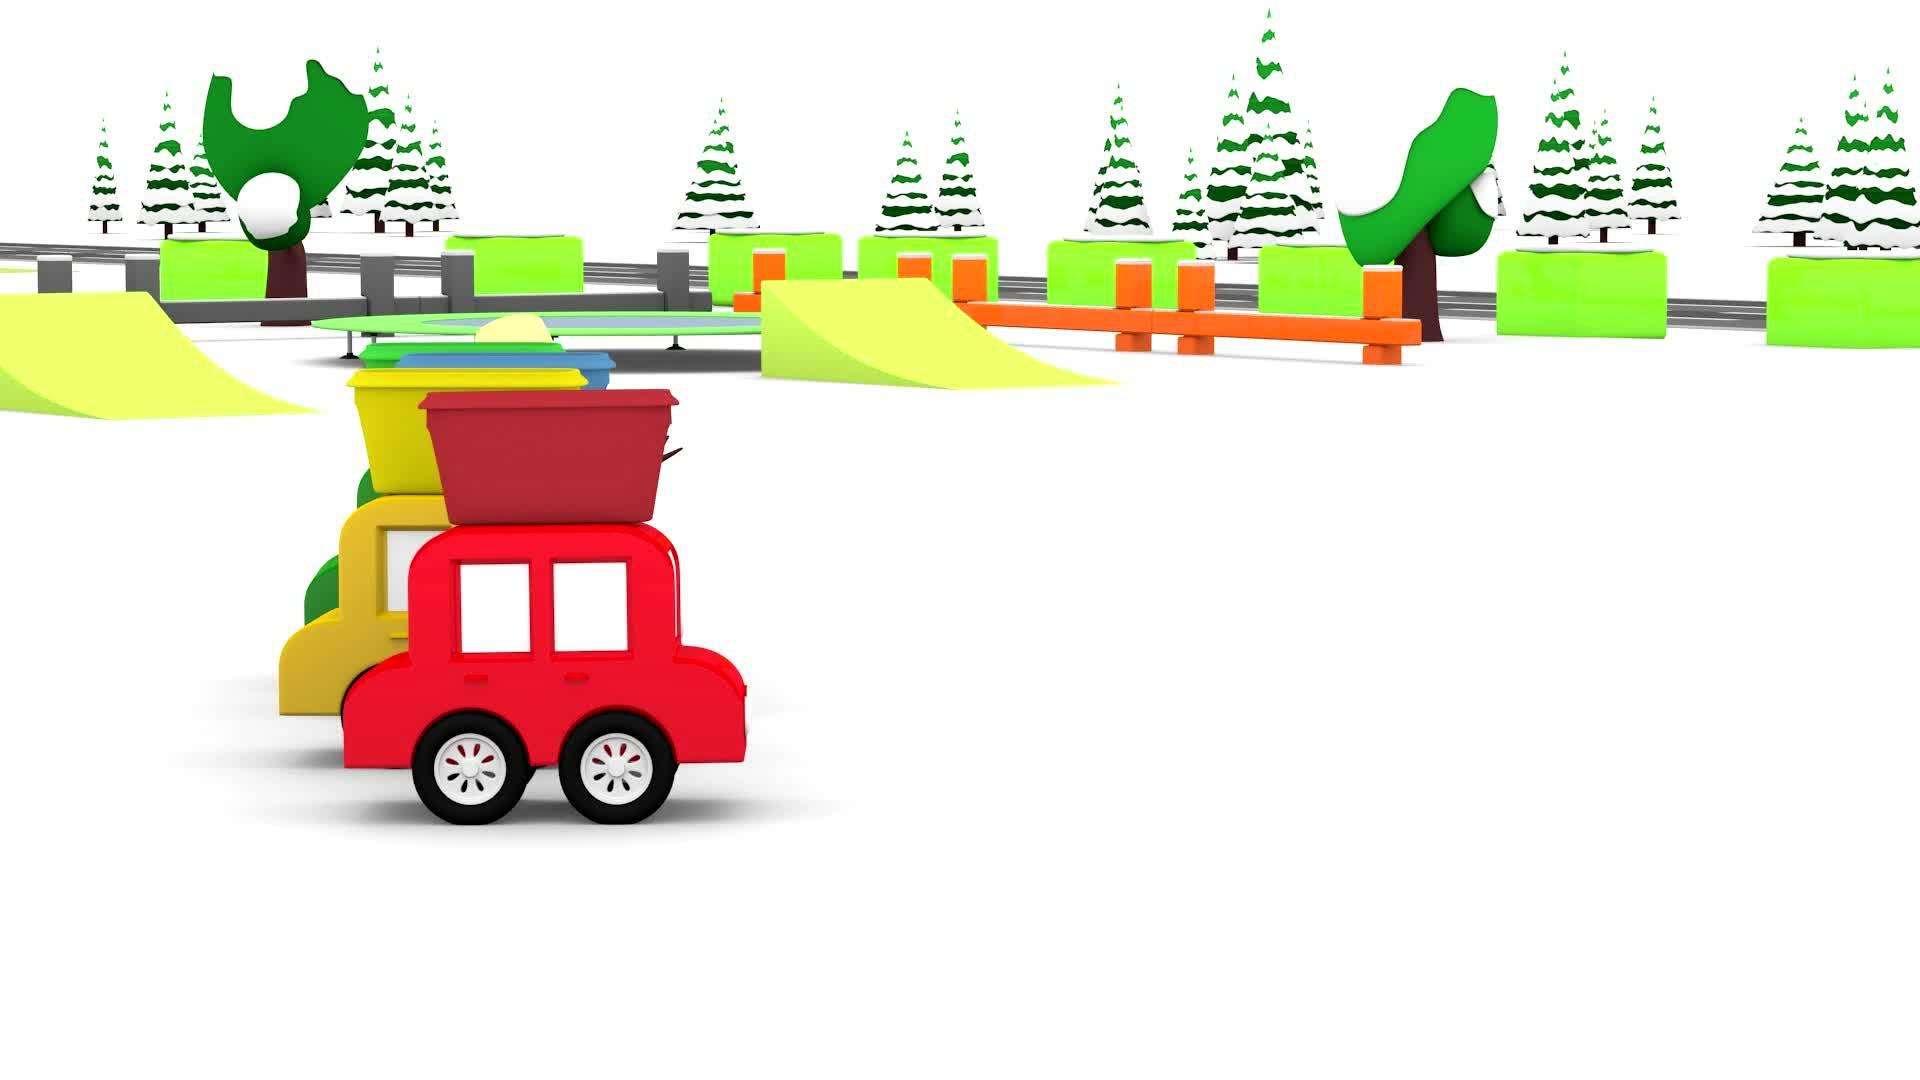 4 машинки / Снегоуборочная машина